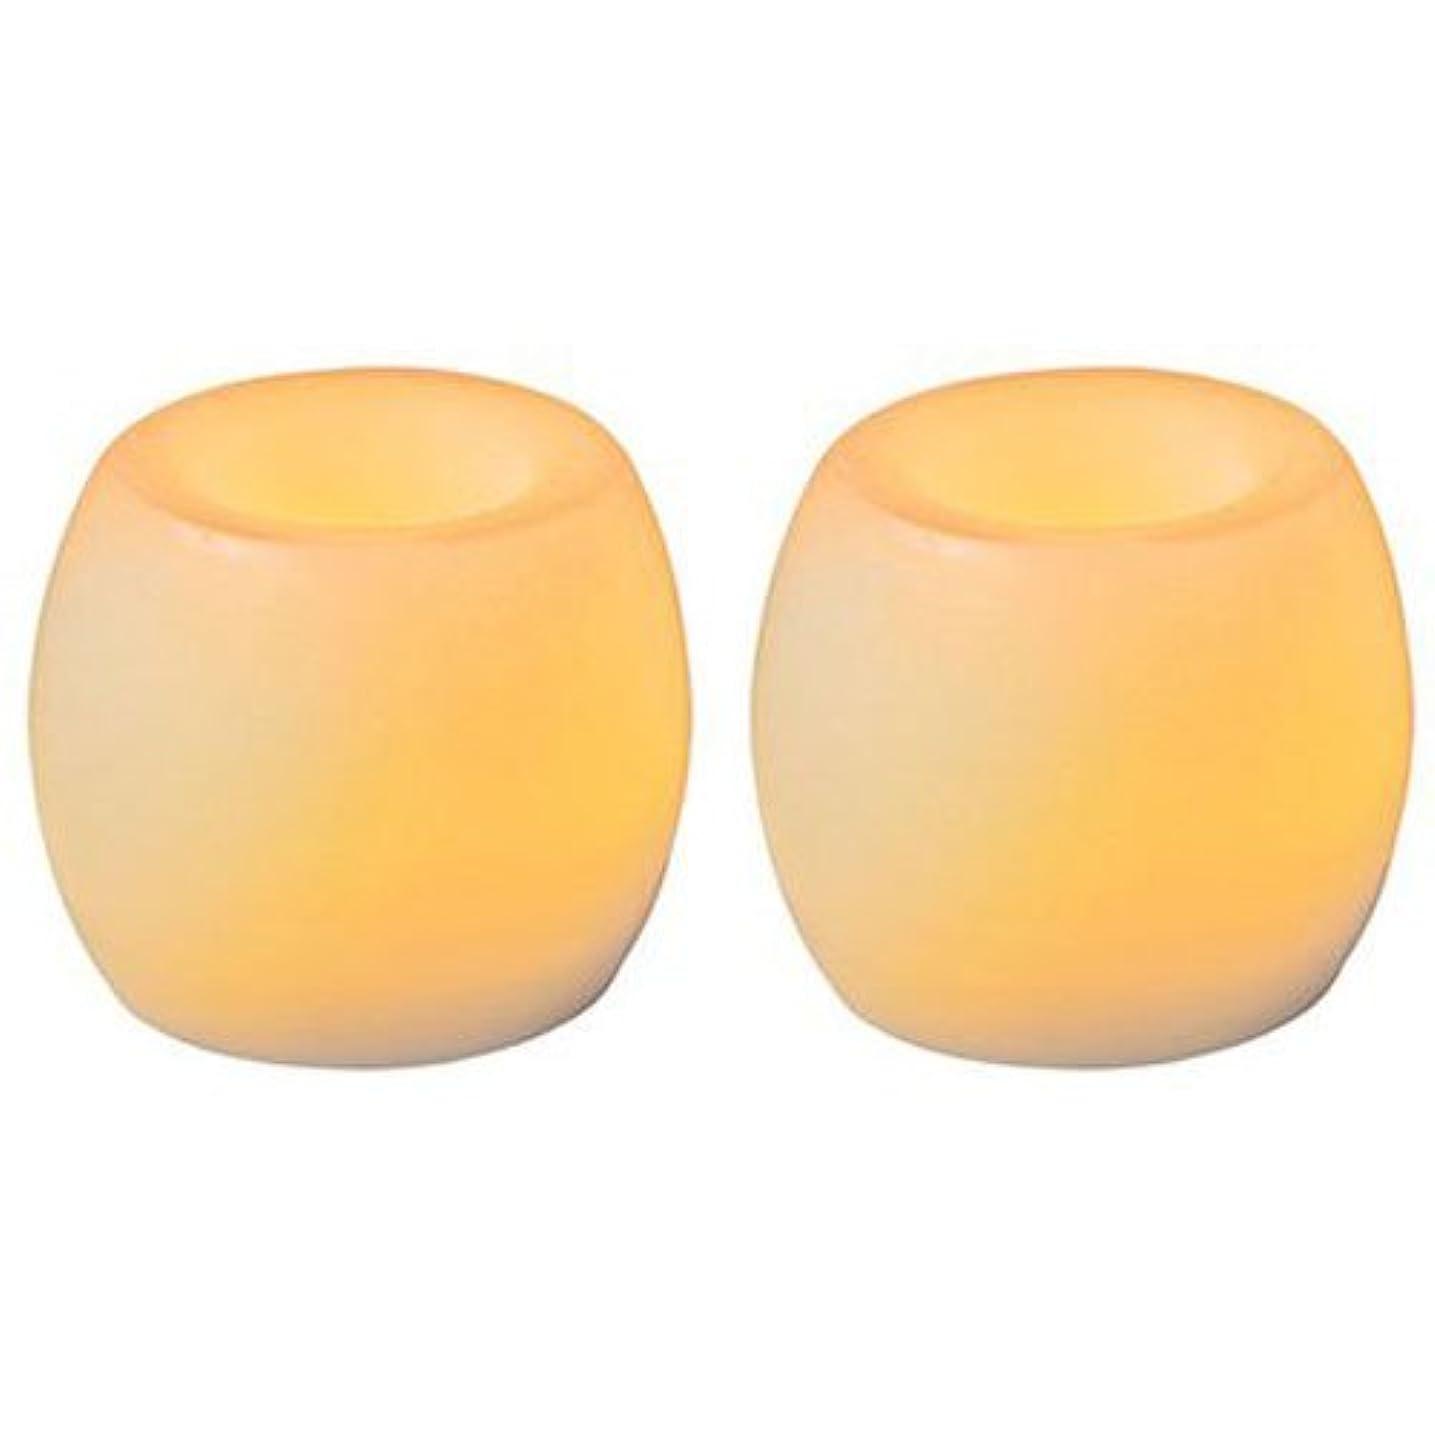 女性過去レコーダーInglow Flameless Mini Curved SquaresバニラScented Candle 2 - Pack 1 ベージュ CG24101CR201